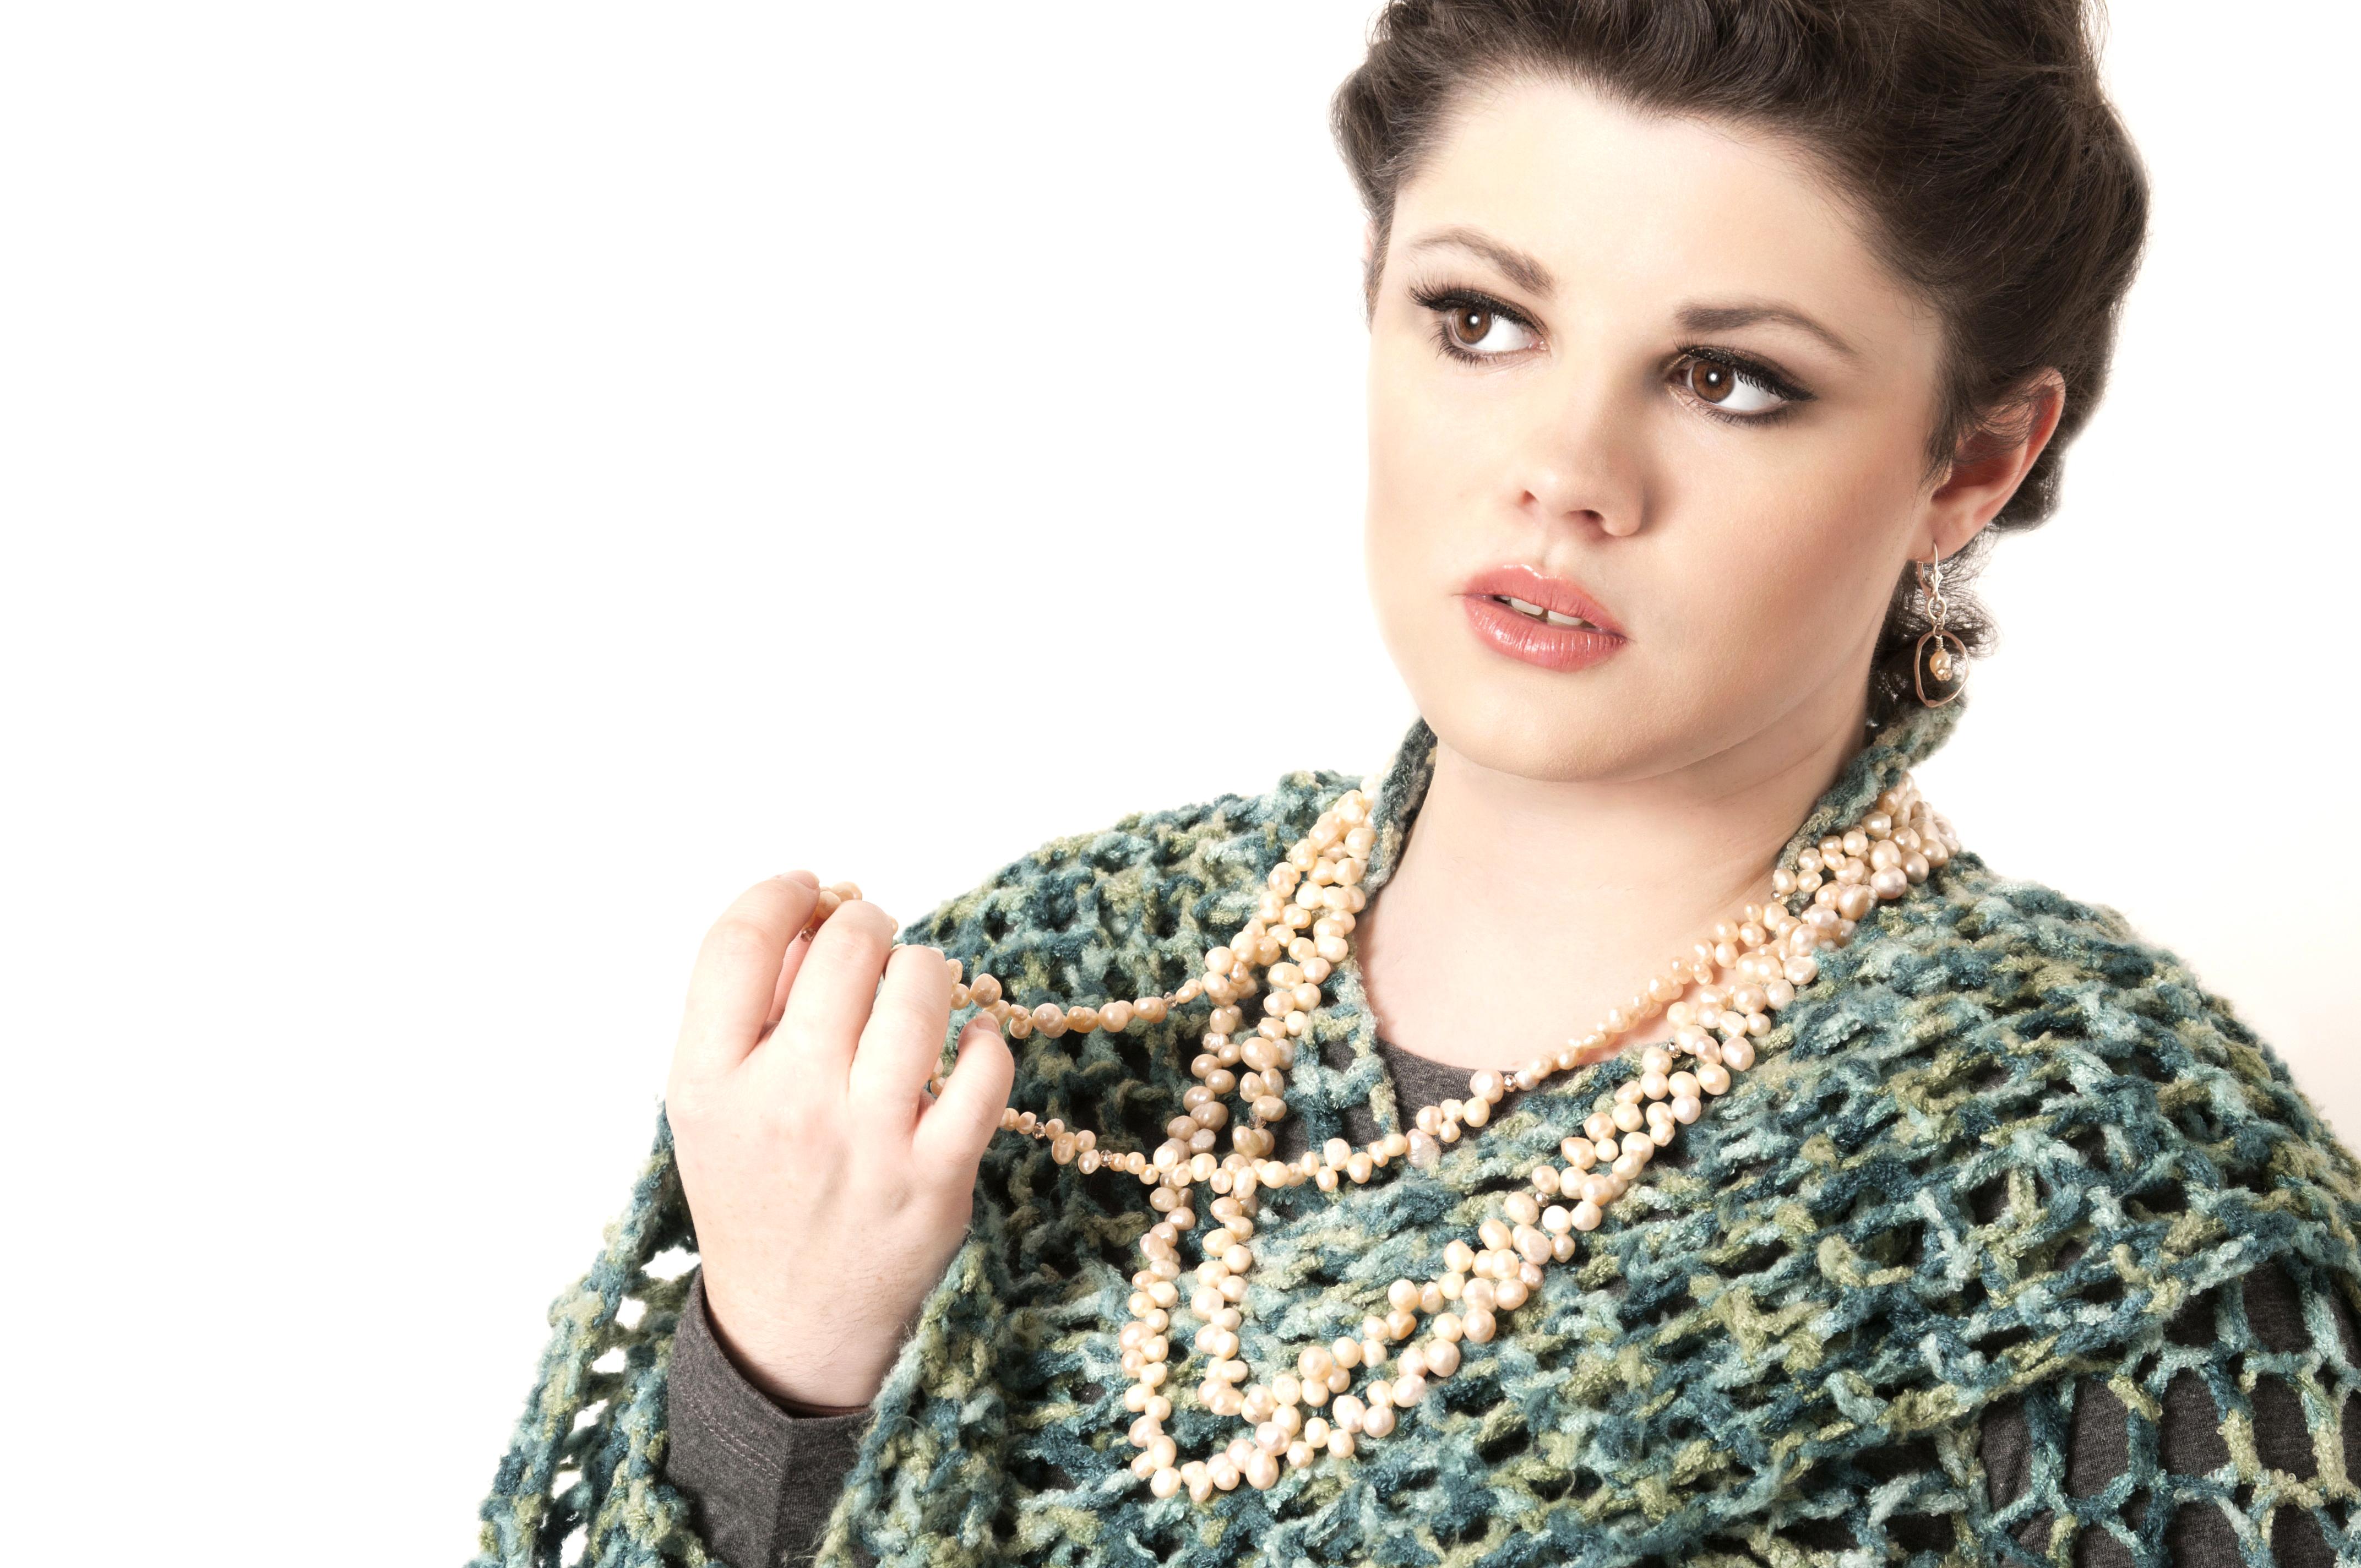 Rebekah-Pearls Wisdom-holding-419_pp